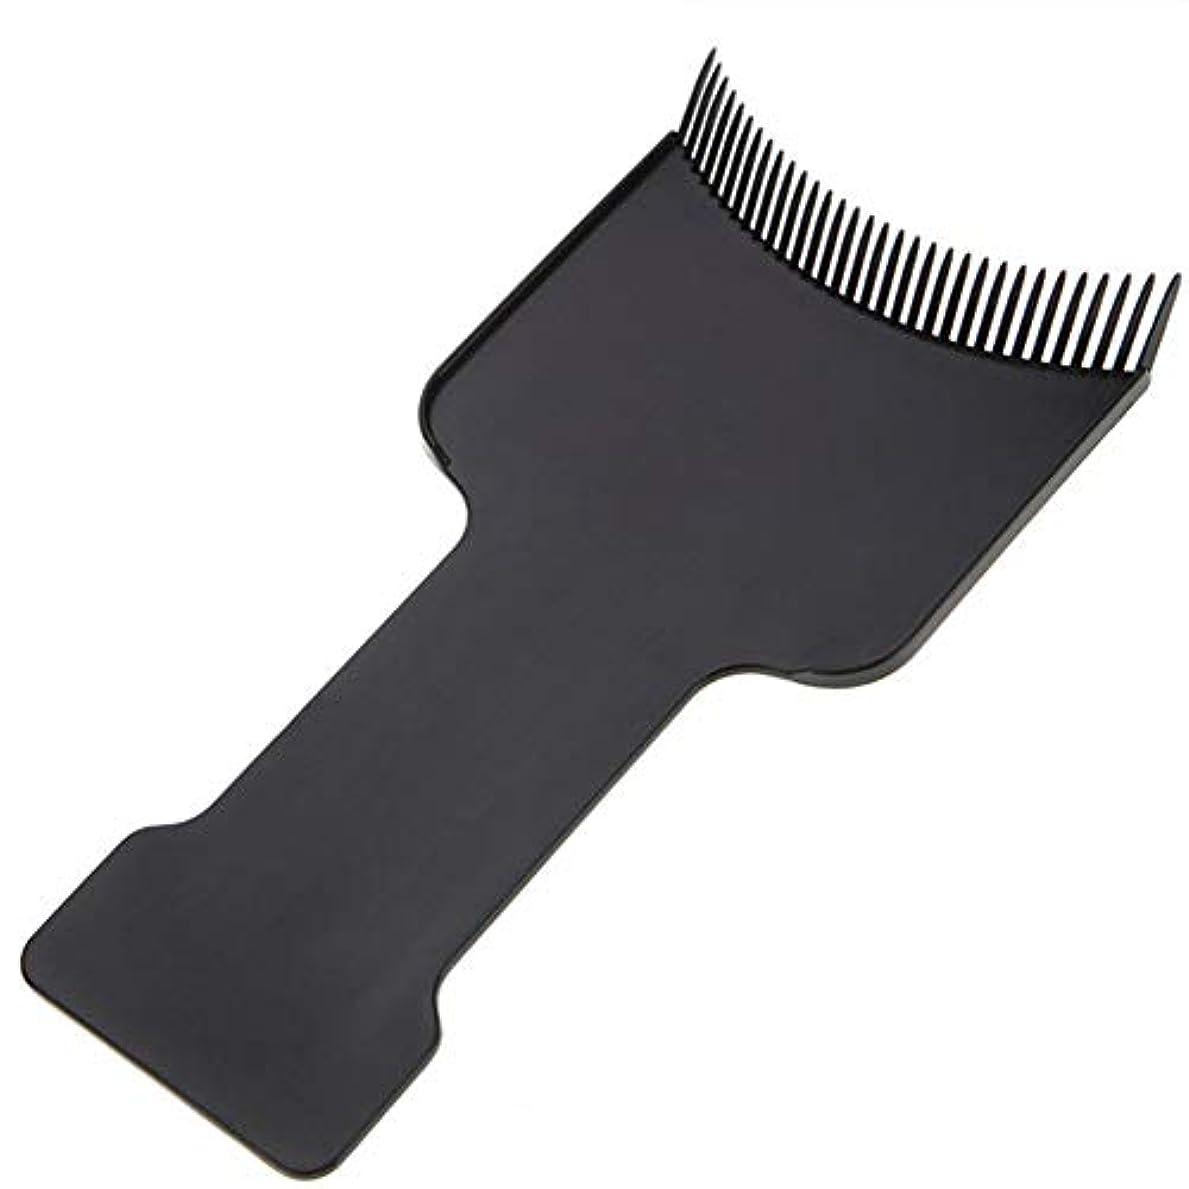 考古学的な高潔なごめんなさいSILUN 理髪ヘアカラーボード 理髪サロン髪 着色染色ボードヘアトリートメントケアピックカラーボードコーム理髪ツール プロフェッショナルブラックヘアブラシボード理髪美容ツール